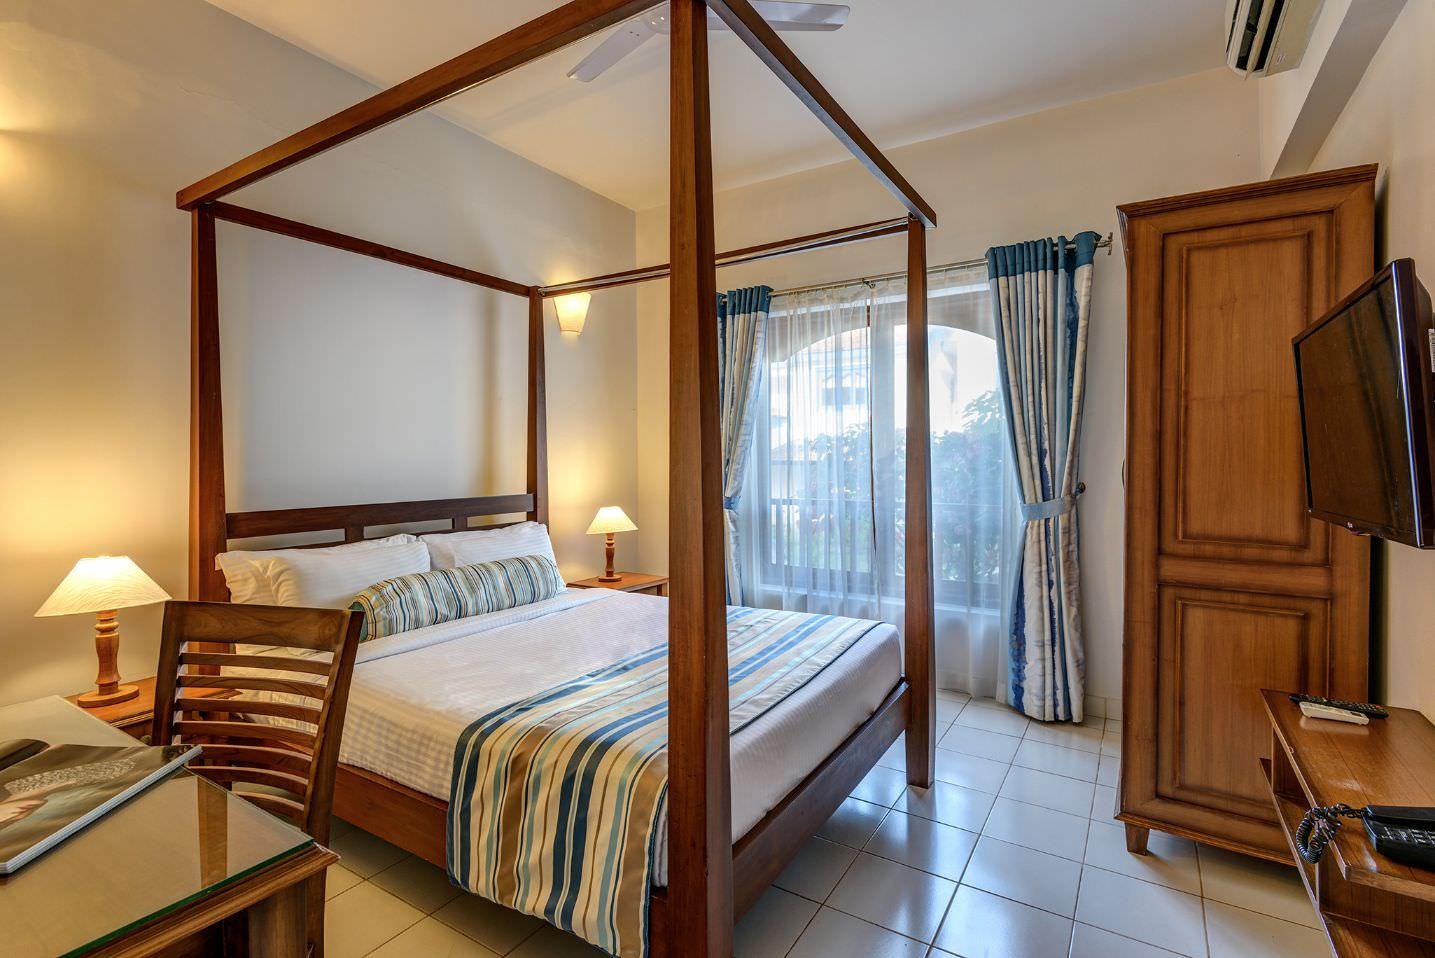 Karma Royal Haathi Mahal Accommodation